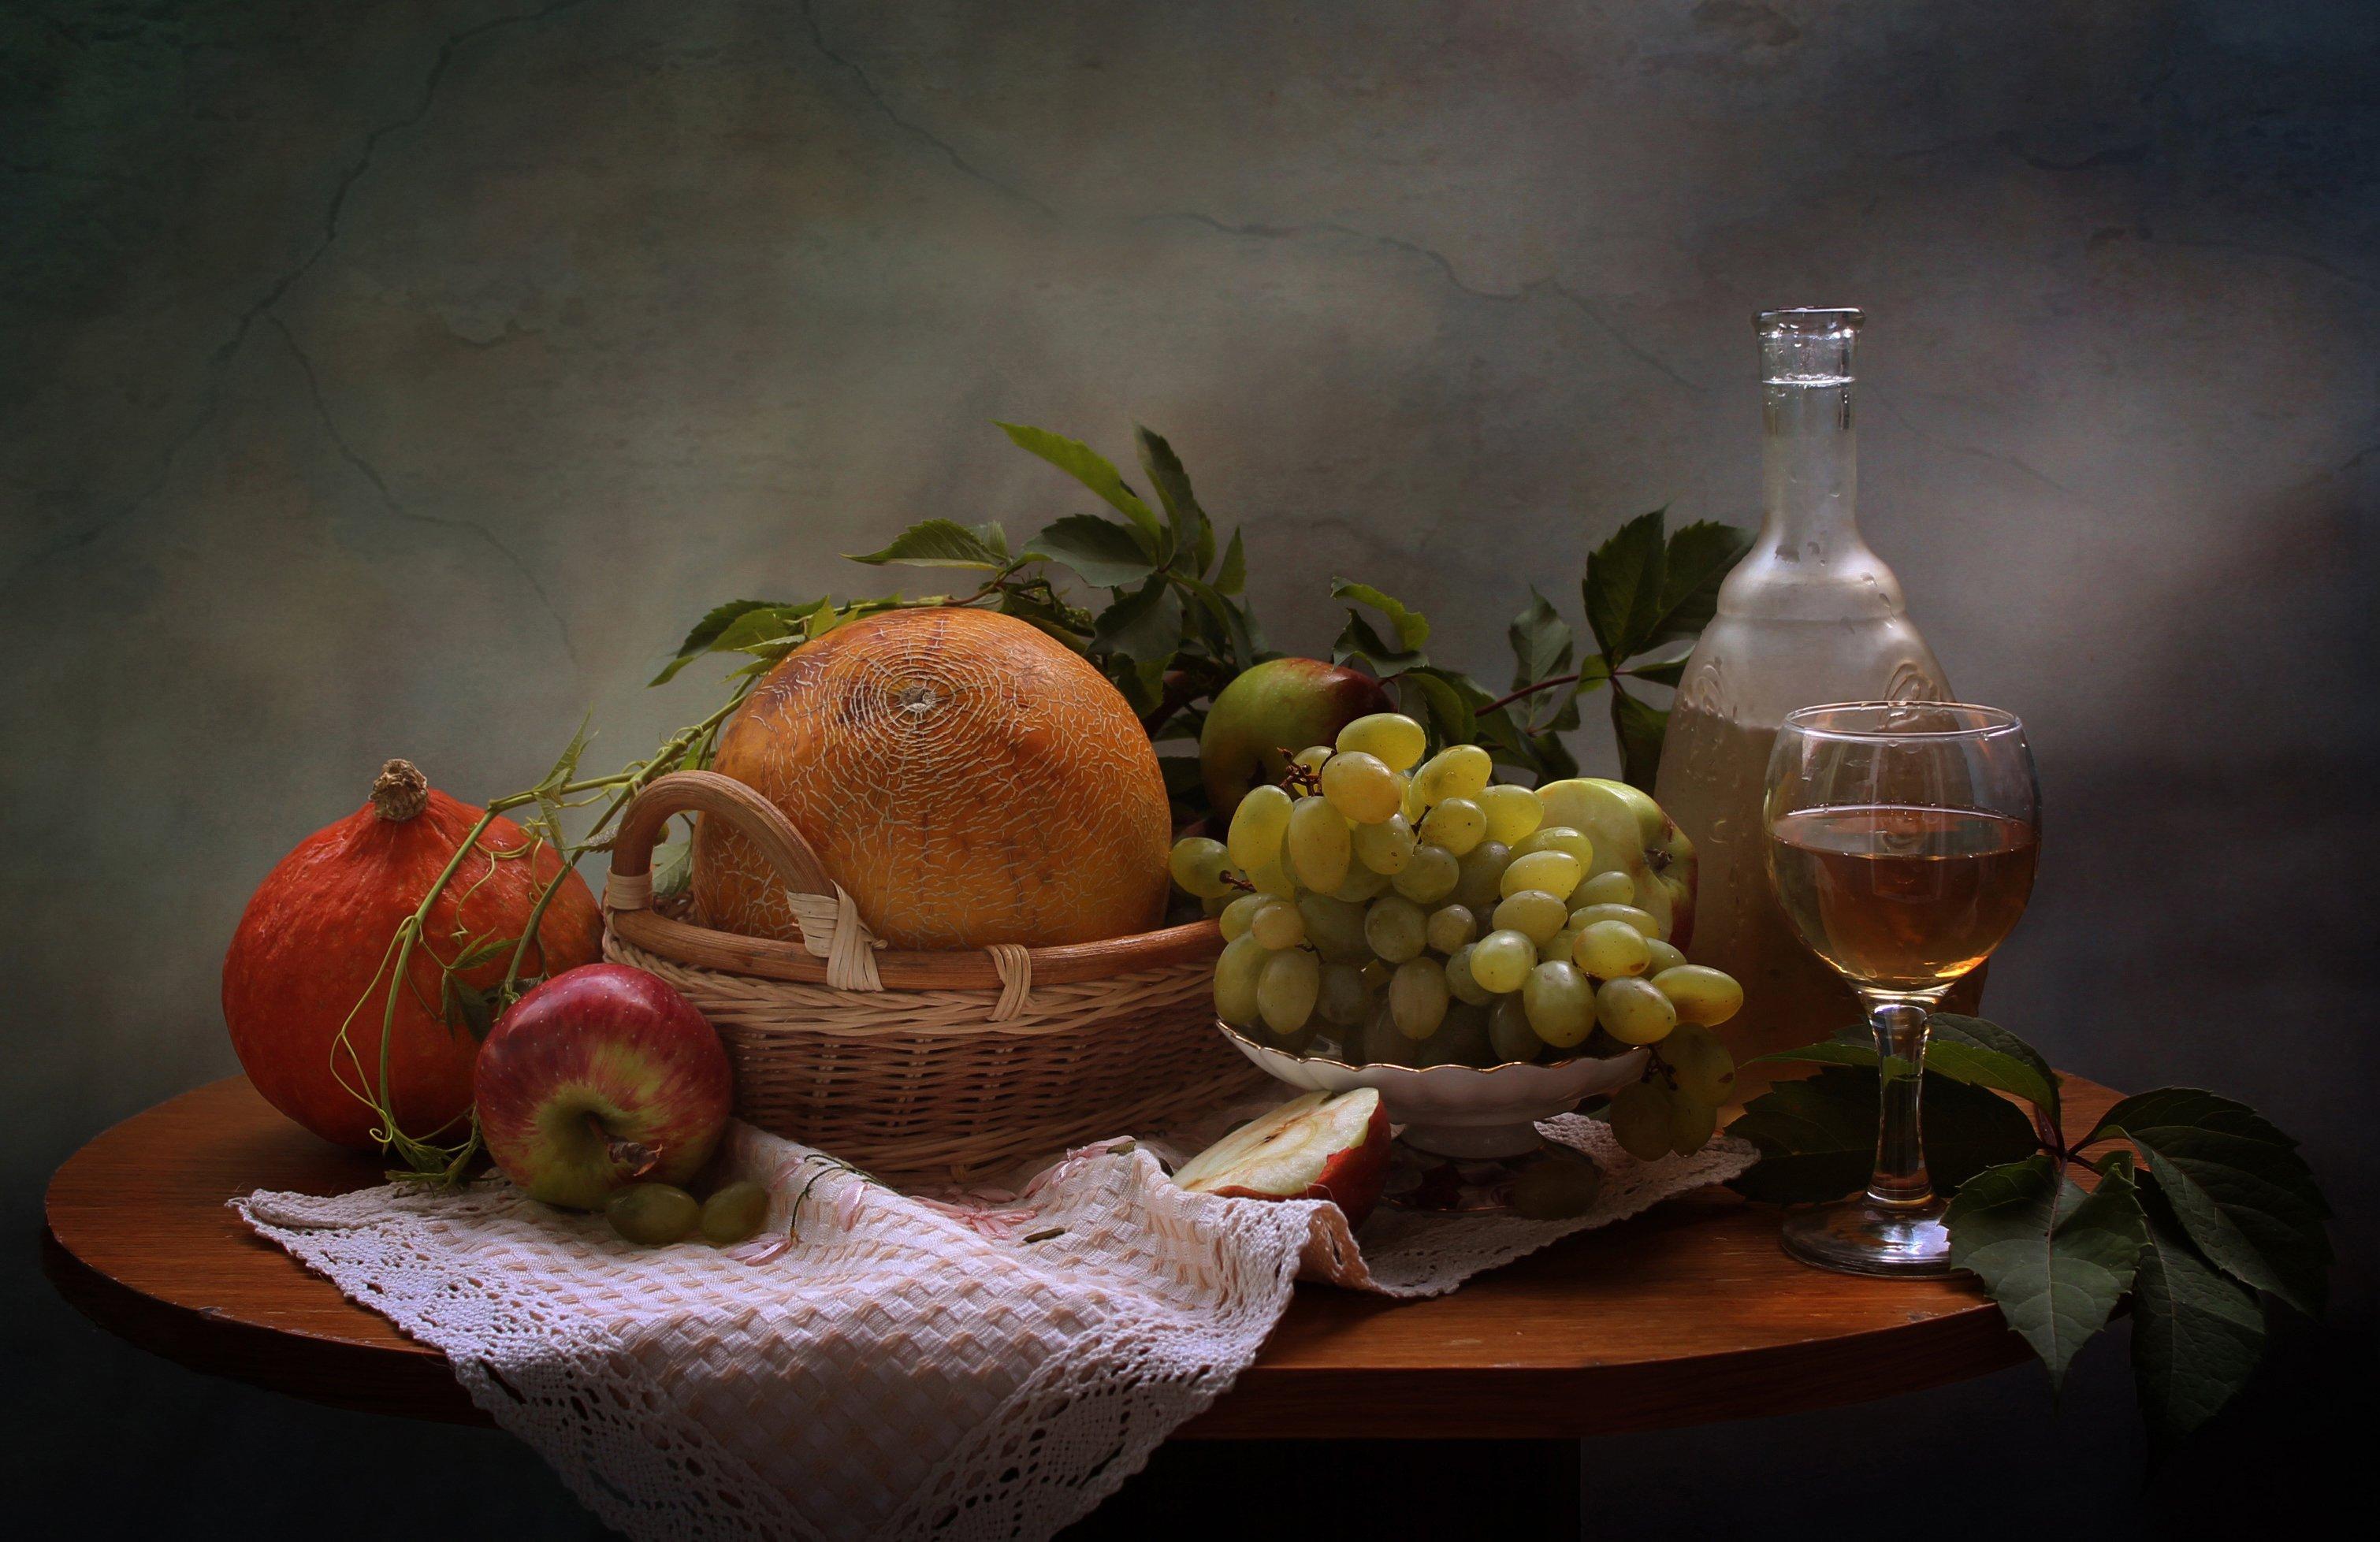 натюроморт, осень, фрукты, вино, виноград, дыня, тыква, Ковалева Светлана